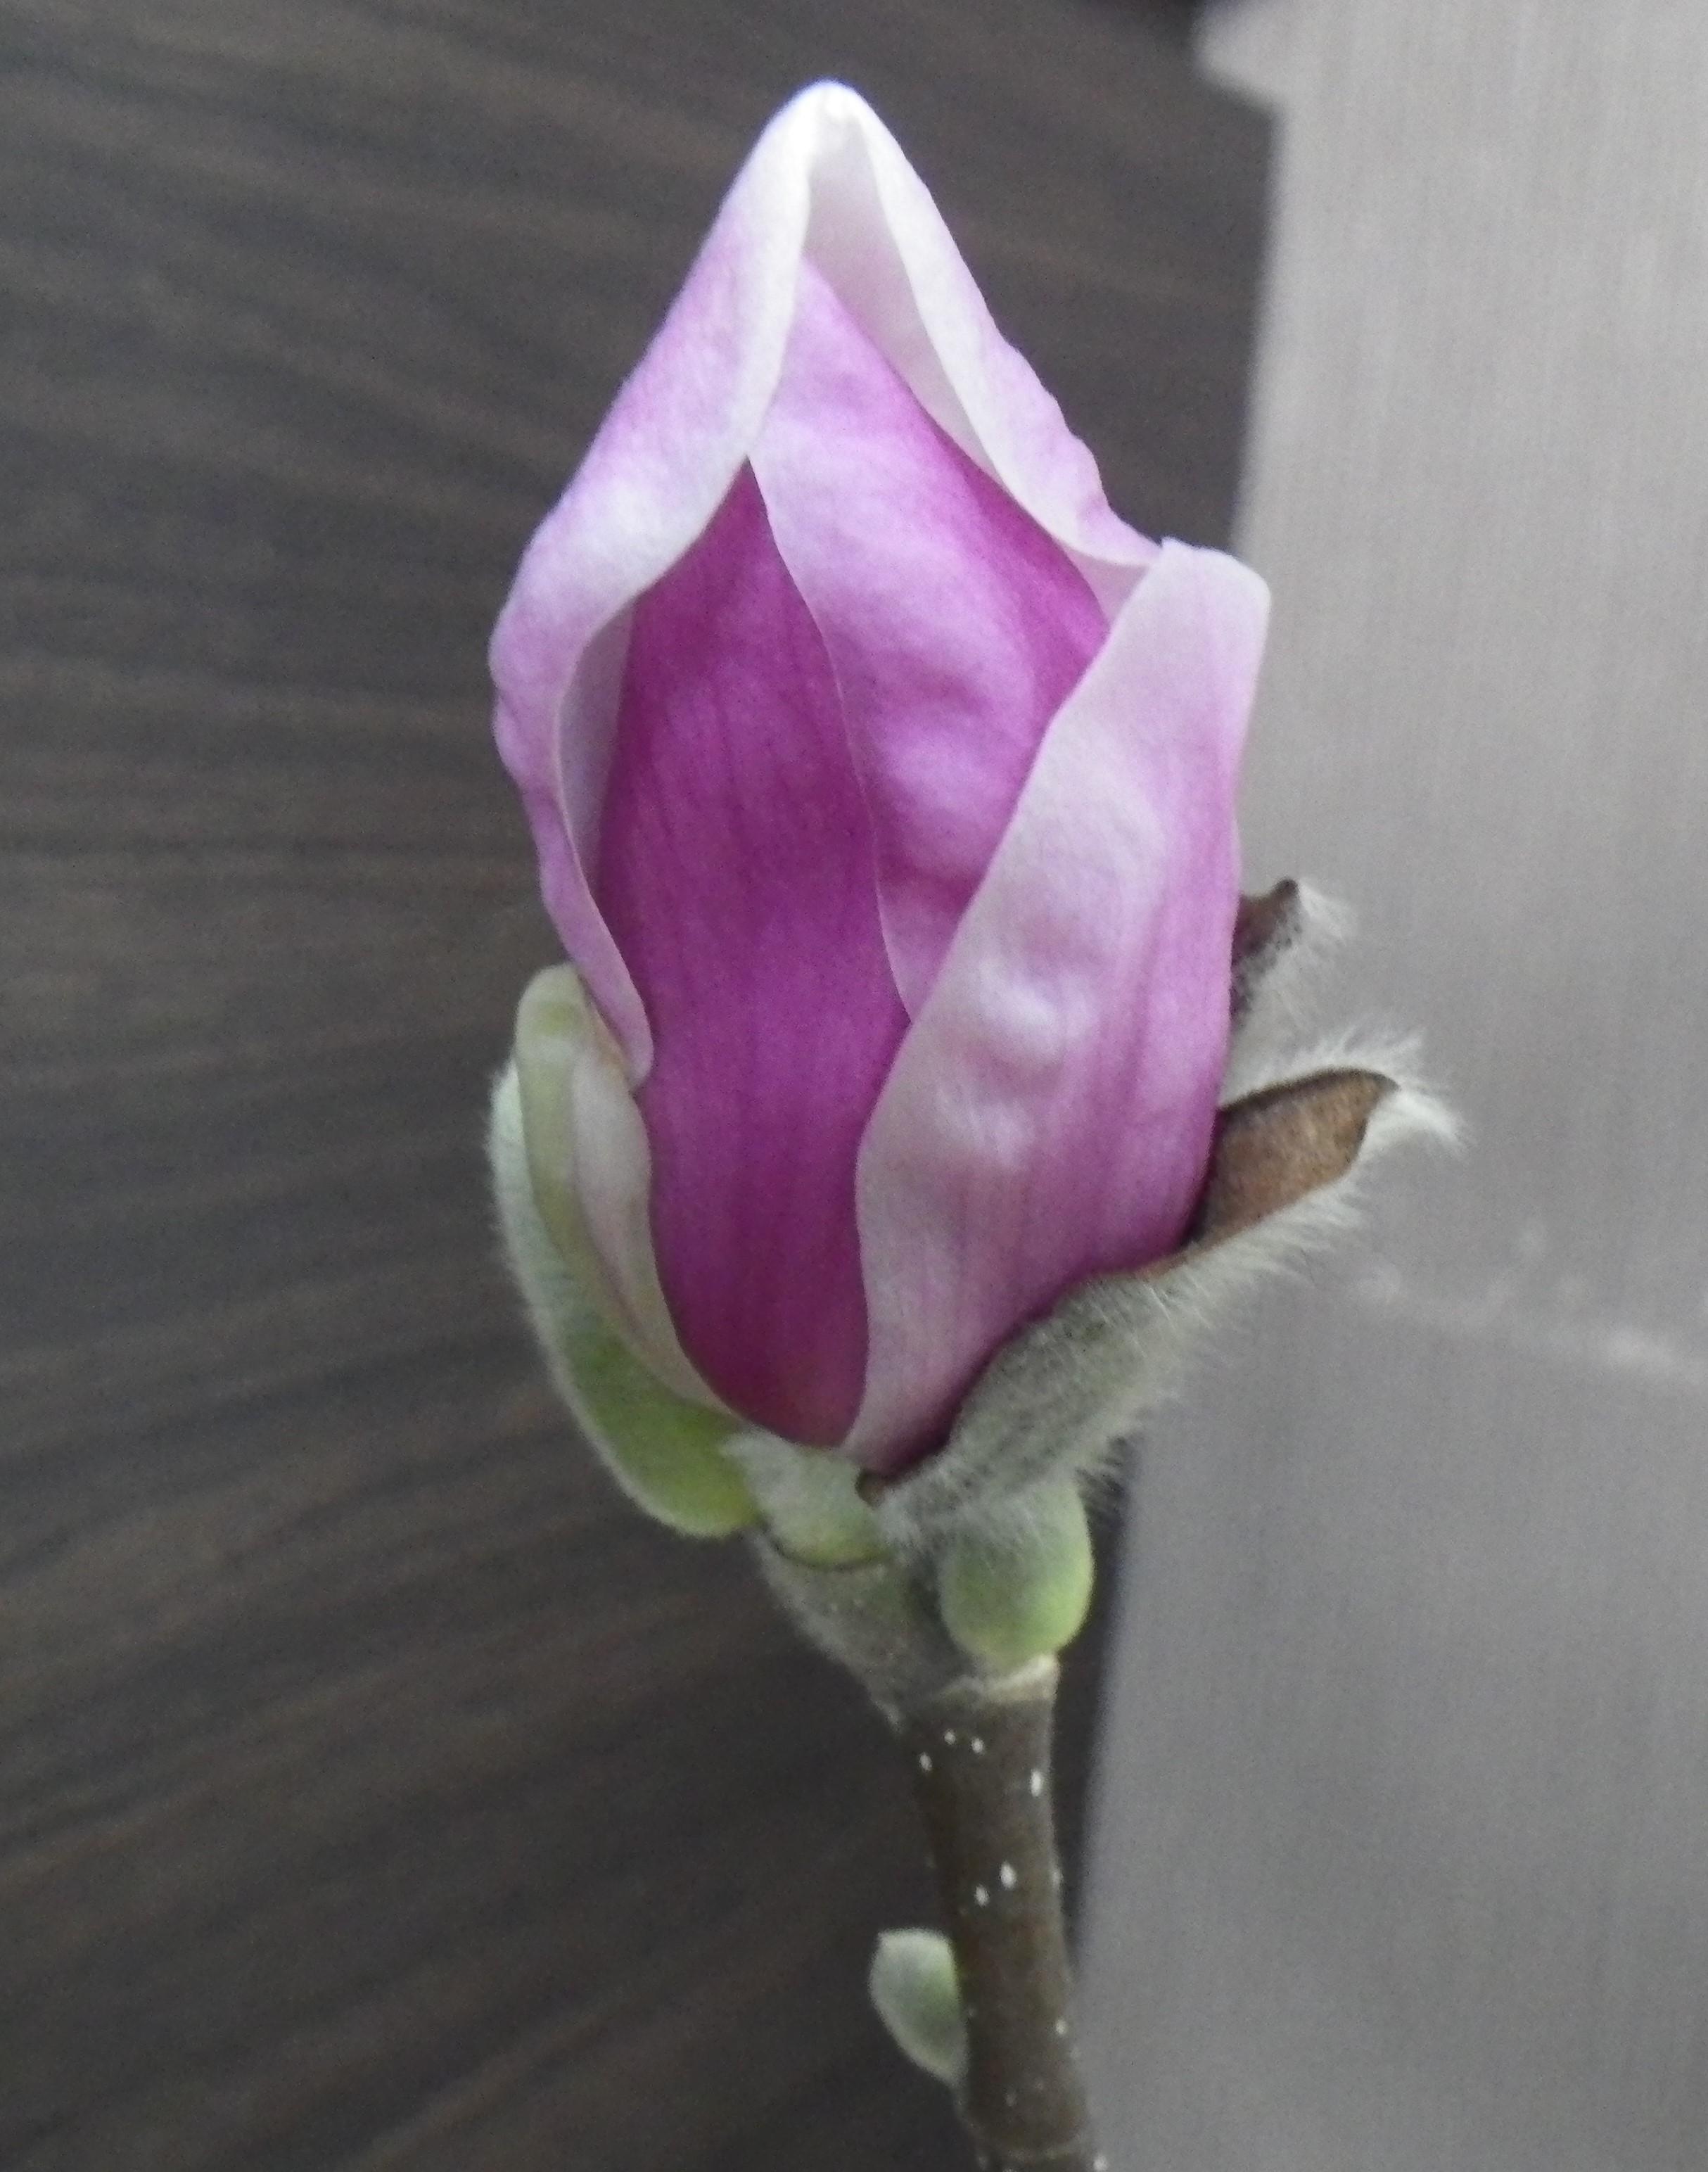 4番目に色づいたサラサモクレンの蕾が緩んで花びらが開きそうな2月22日の画像